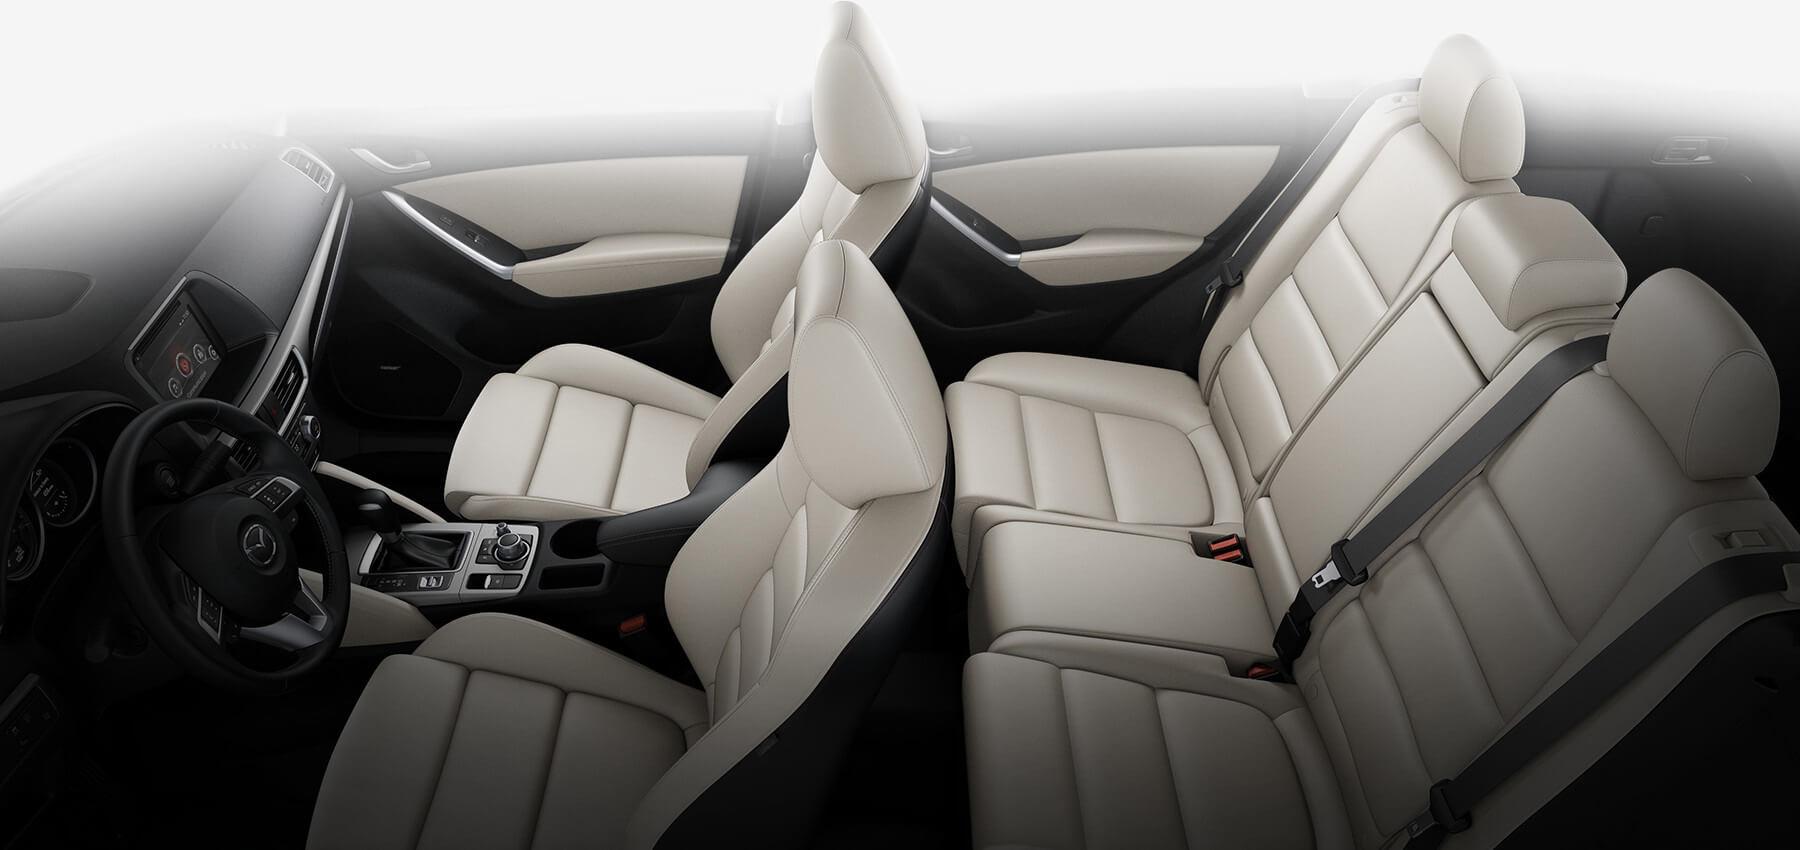 Utilitario Todoterreno Mazda Cx 5 2016 Utilitario Con